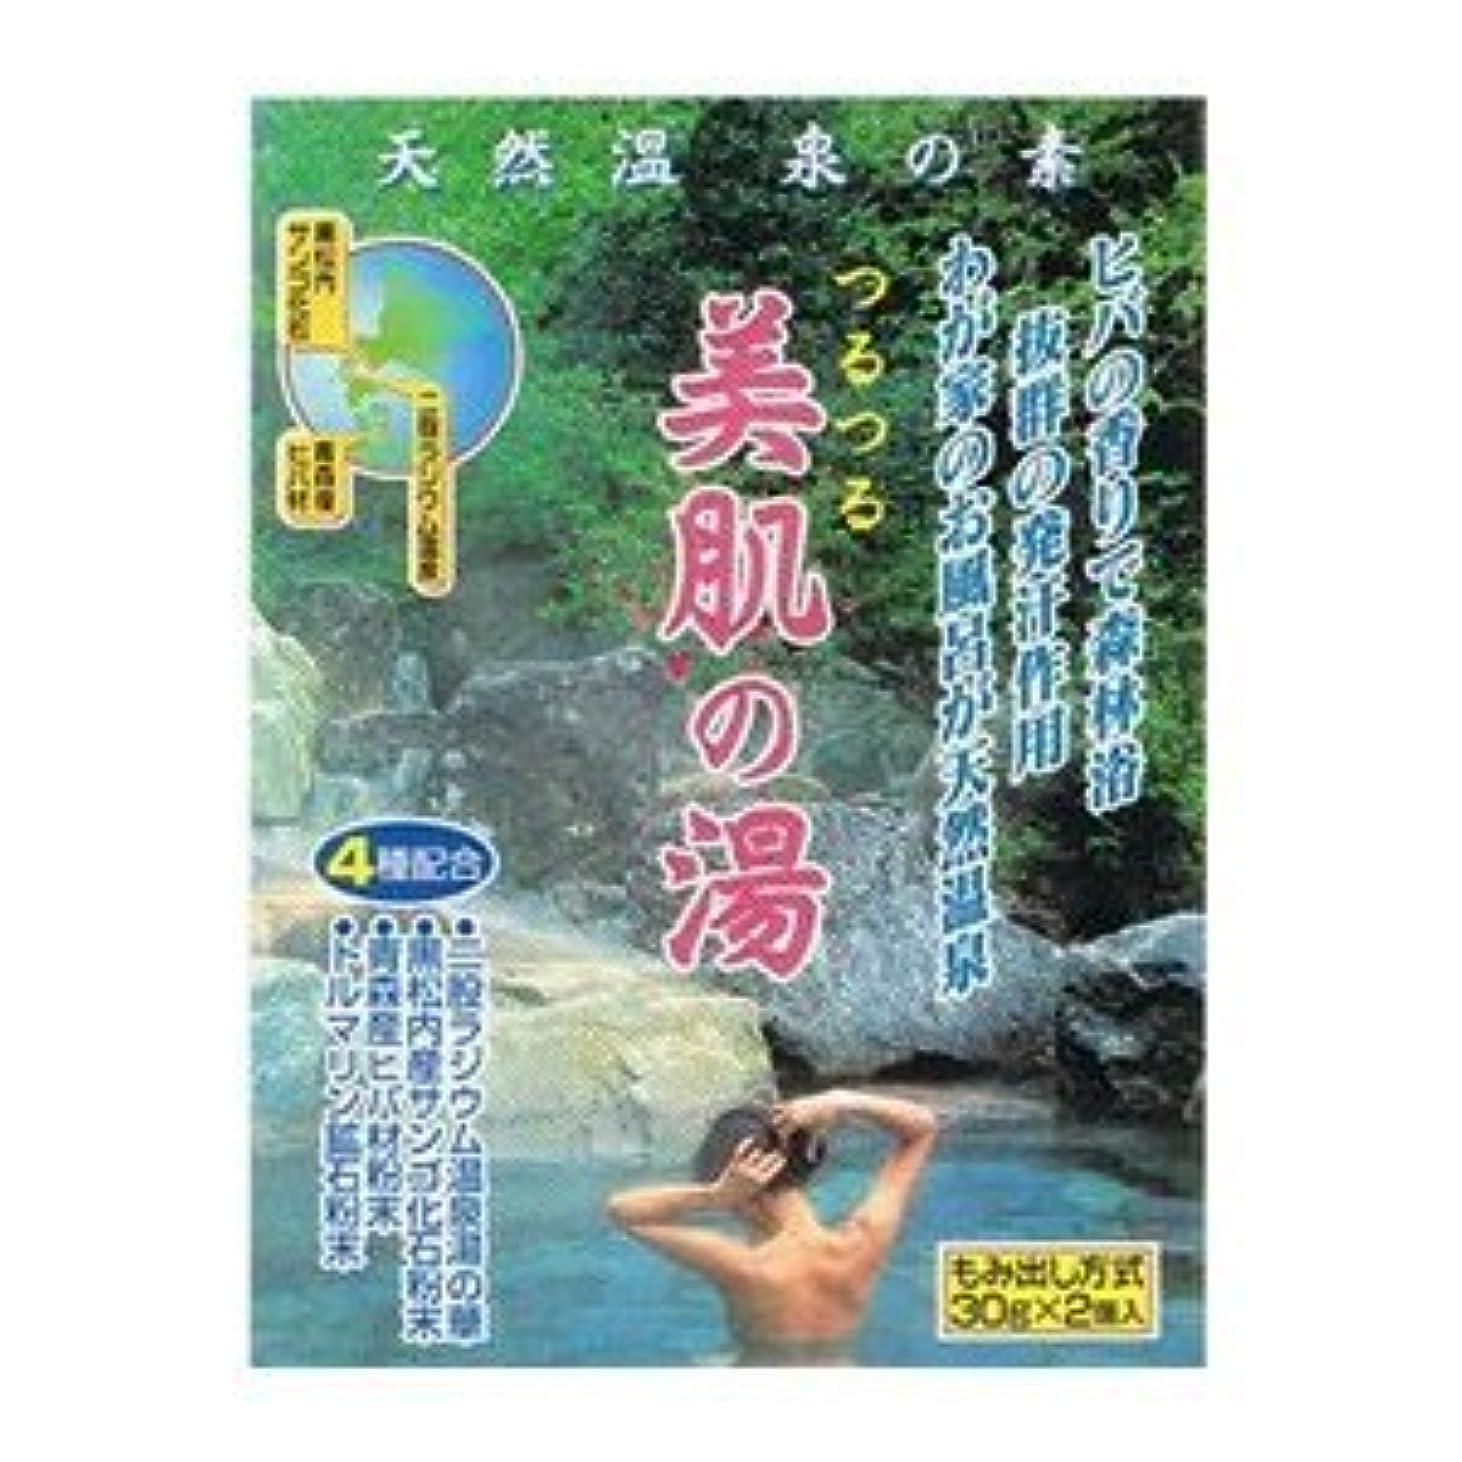 アーサーコナンドイルエイリアン混合した天然温泉の素 美肌の湯 (30g×2個入)×18袋セット